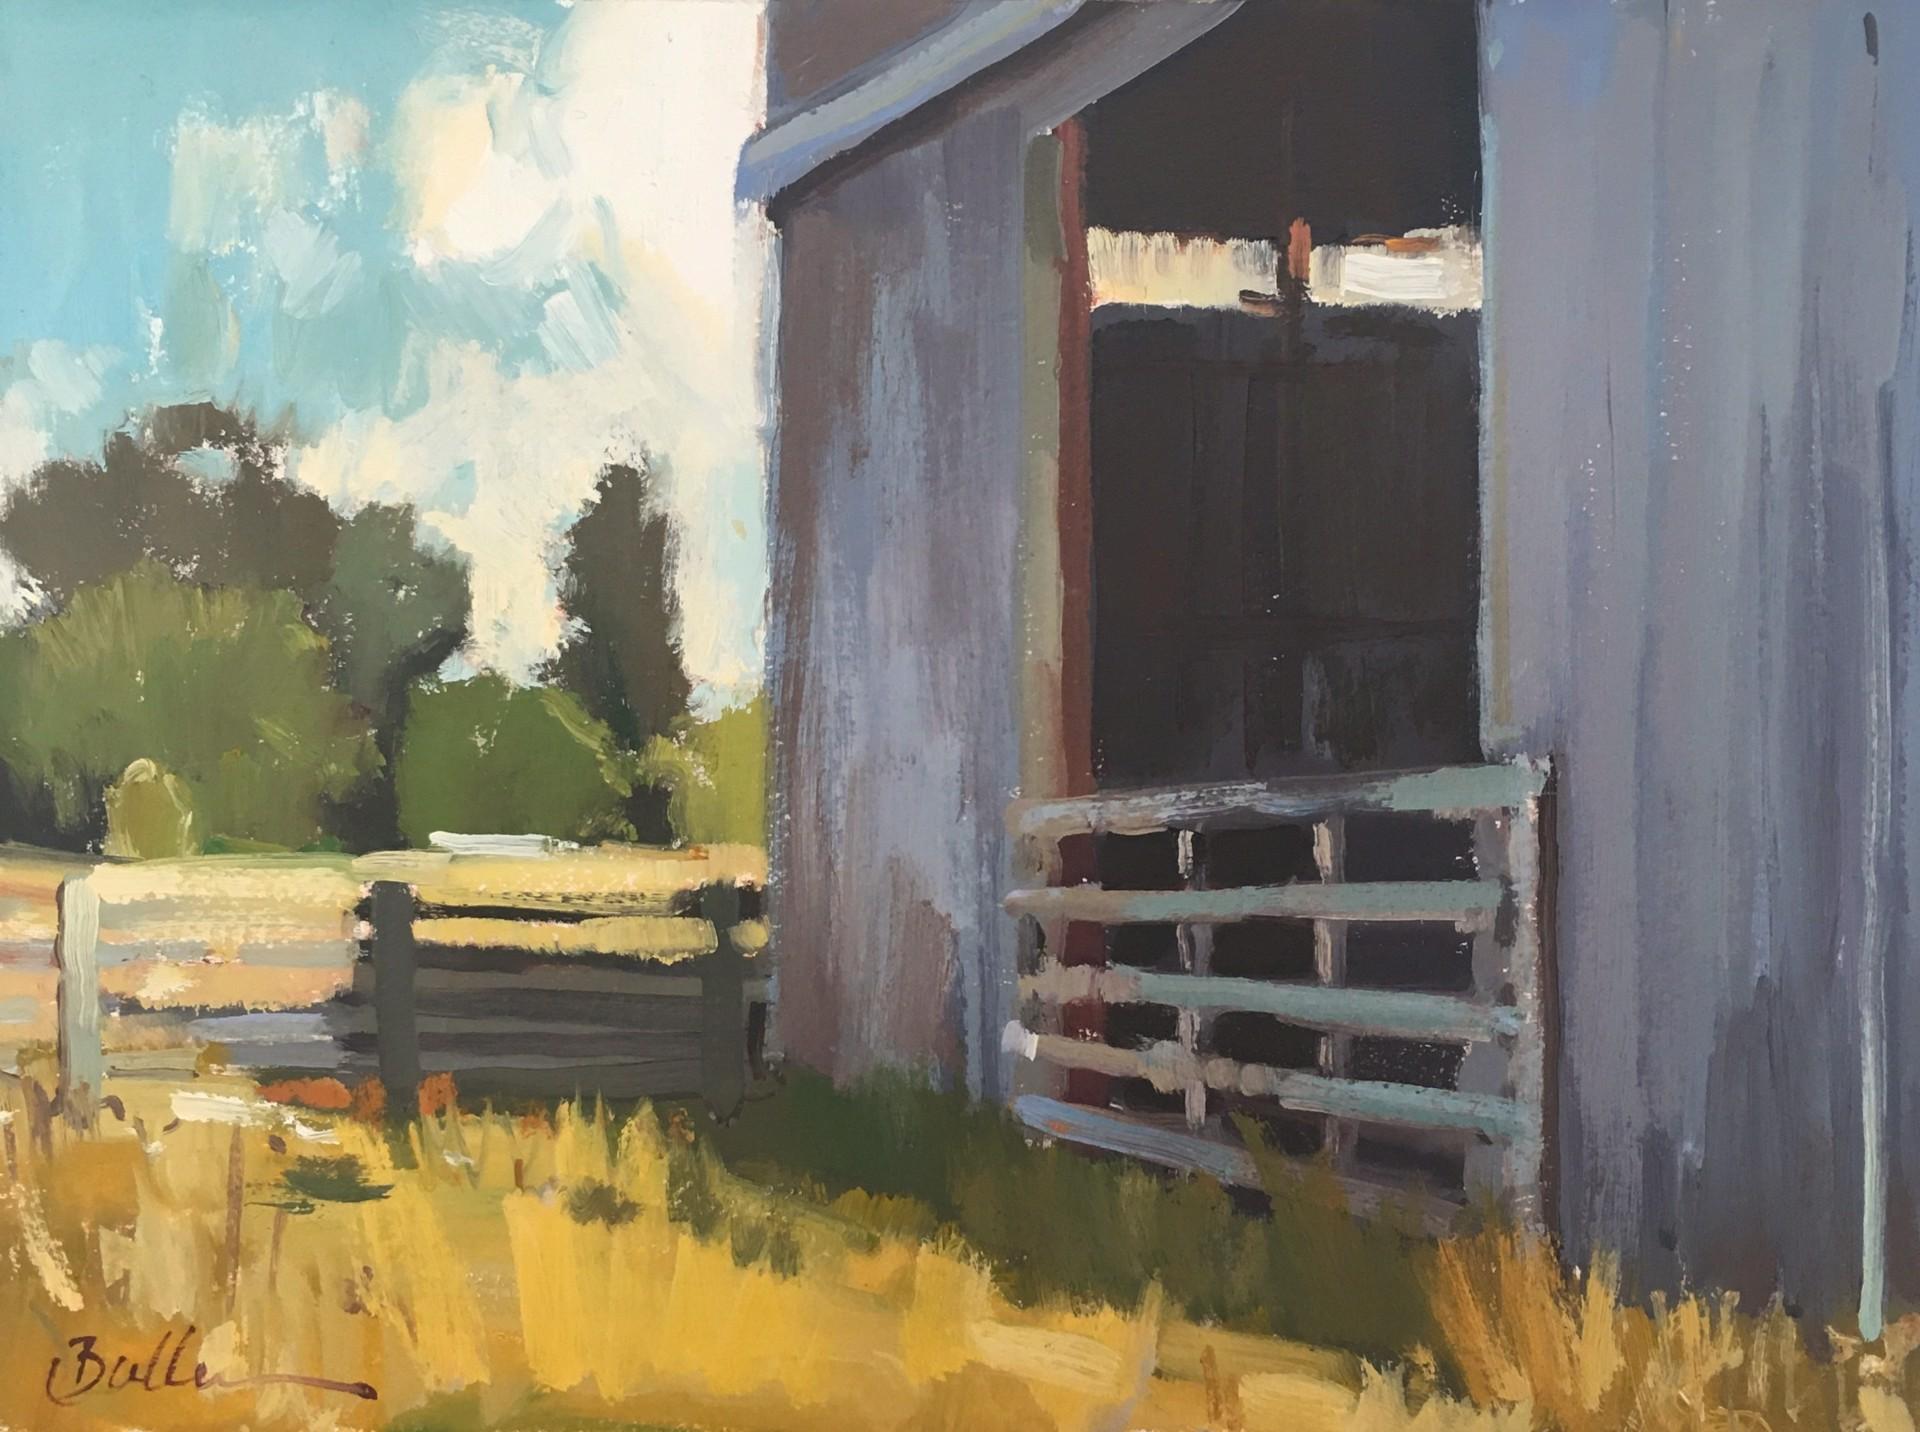 Tin Barn by Samantha Buller